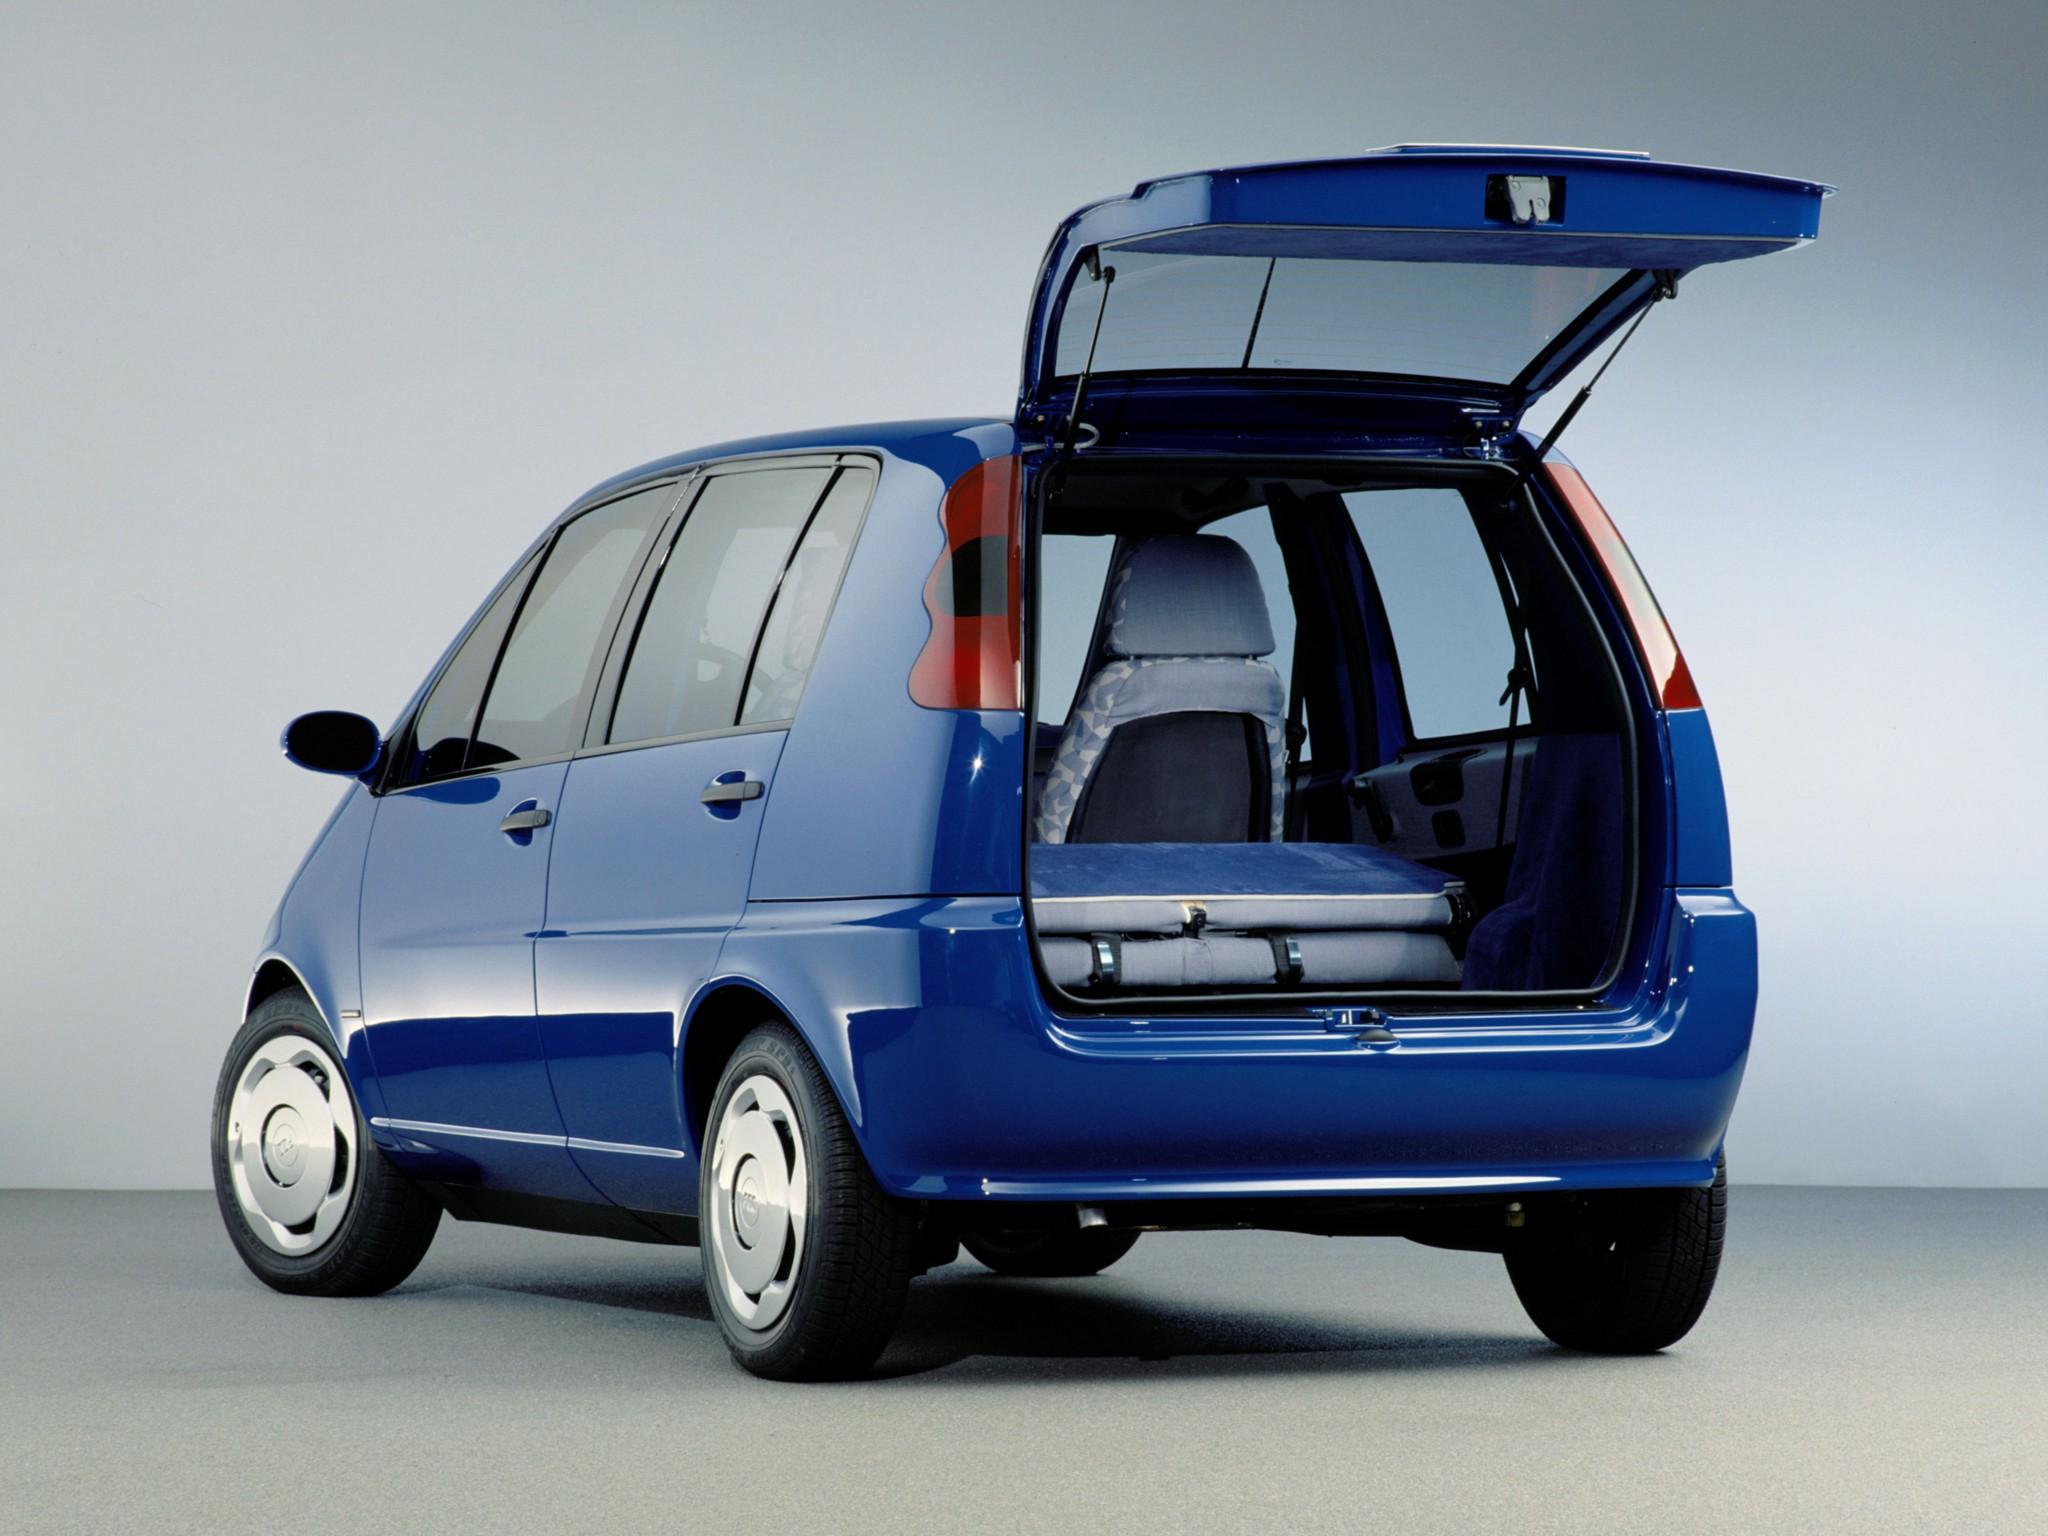 Family Car: 1994 Mercedes-Benz FCC (Family Car China)